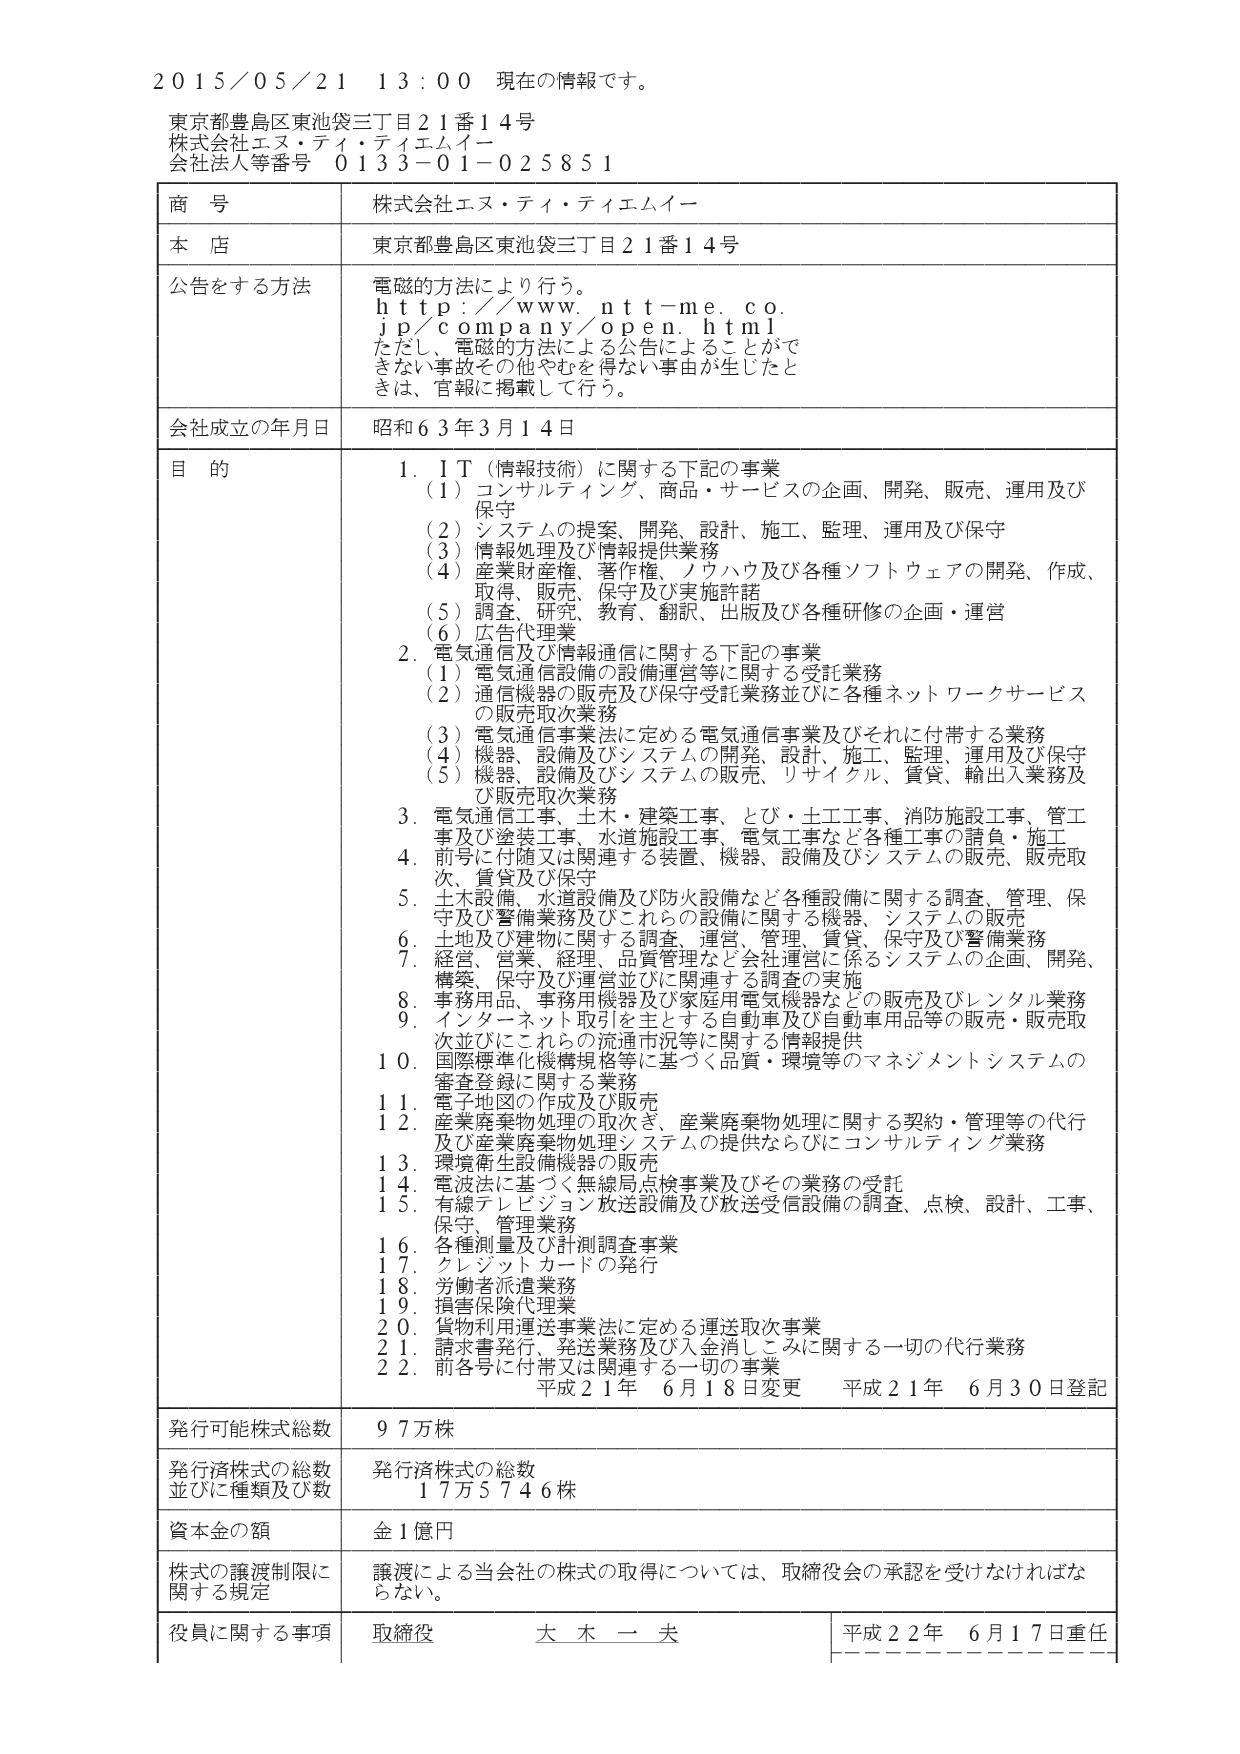 株式会社エヌ・ティ・ティエムイー法人登記簿(全部事項)2015052194873409-001